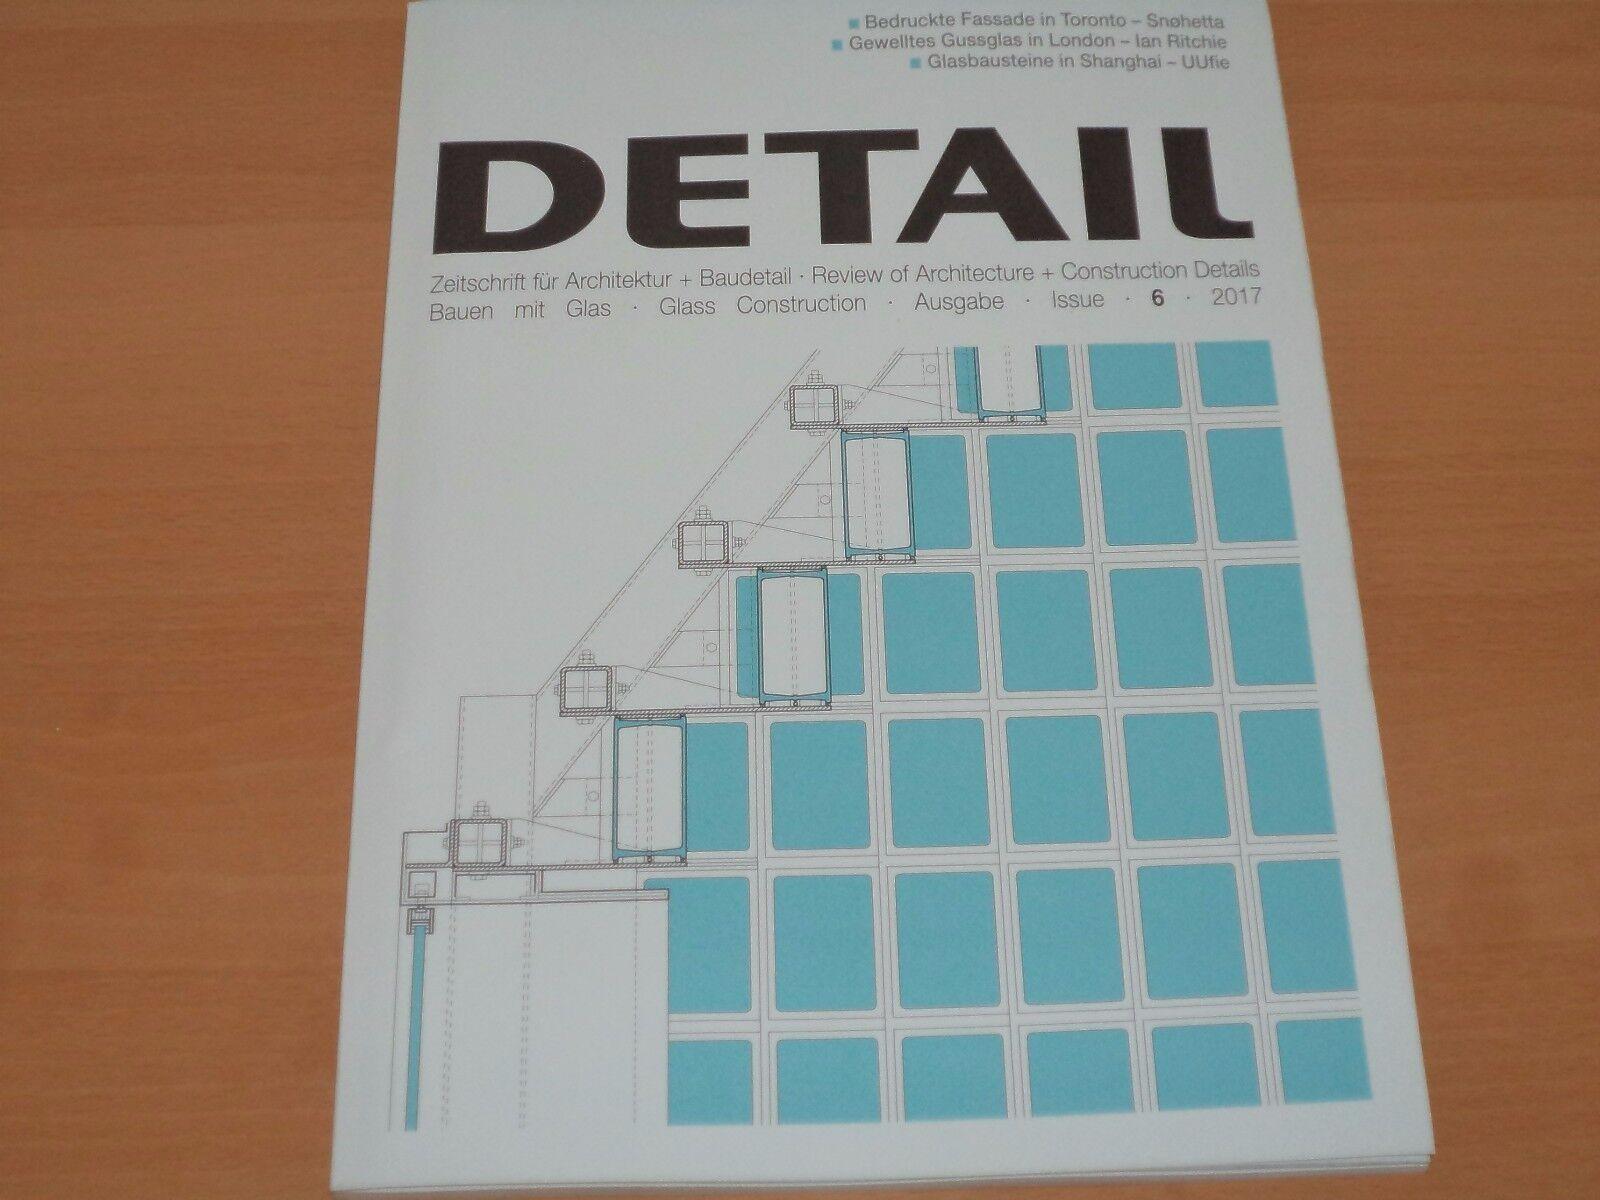 DETAIL Zeitschrift für Architektur + Baudetail Serie 6/2017 Neuwertig!